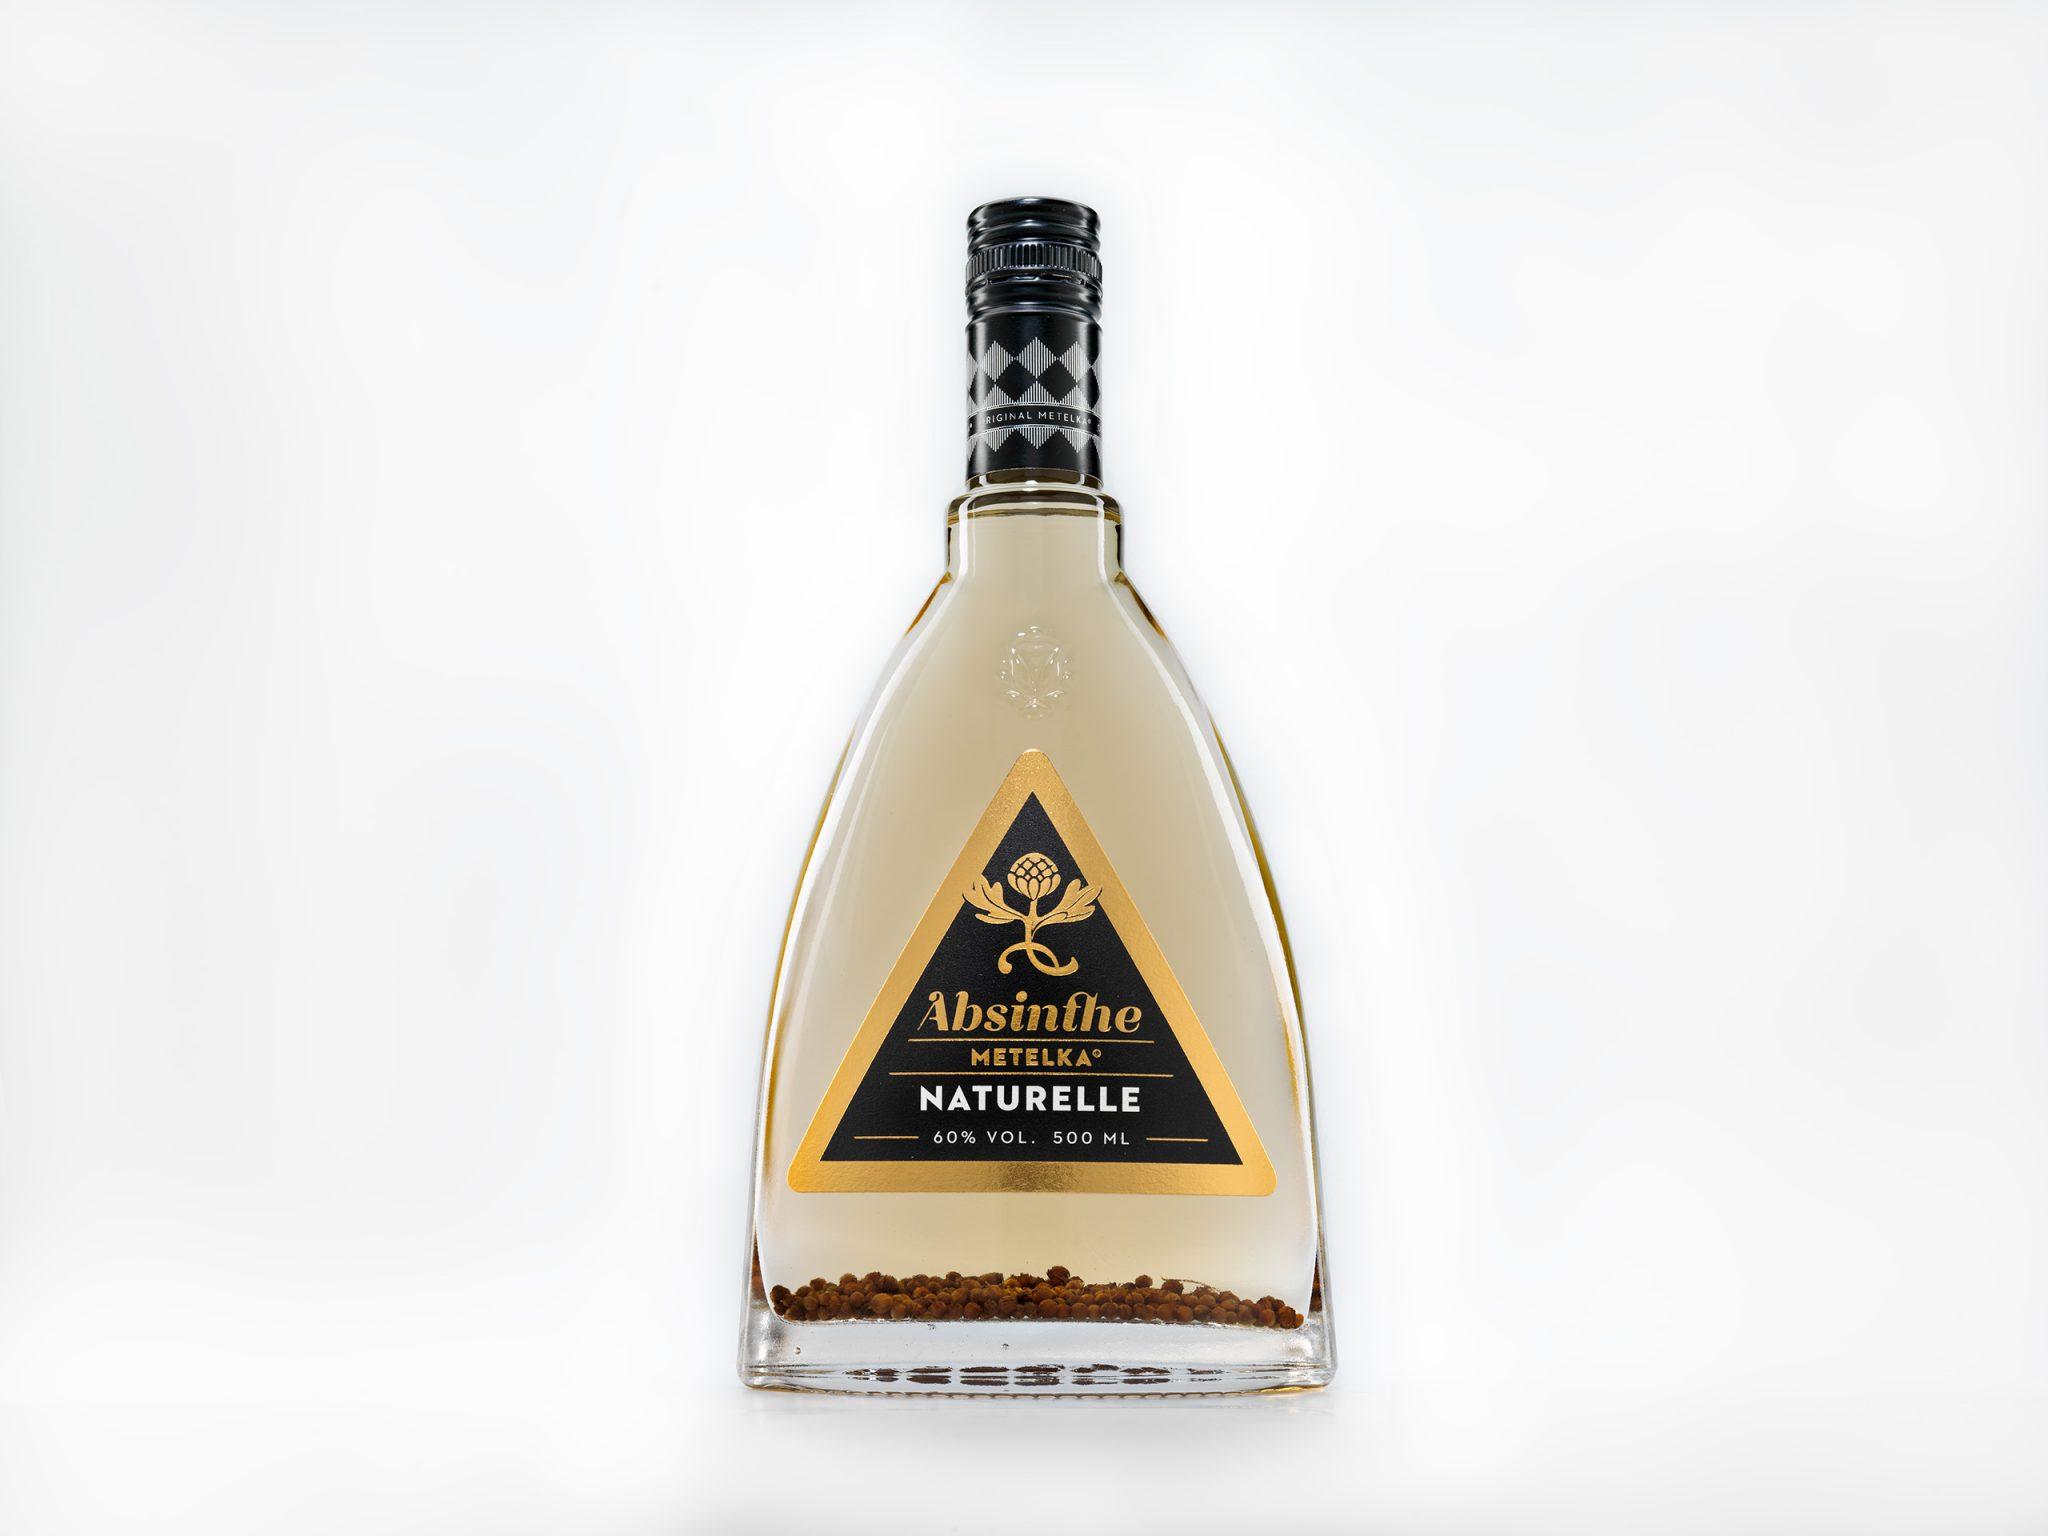 Absinth prémiové kvality – Absinthe Naturelle 0,5 L